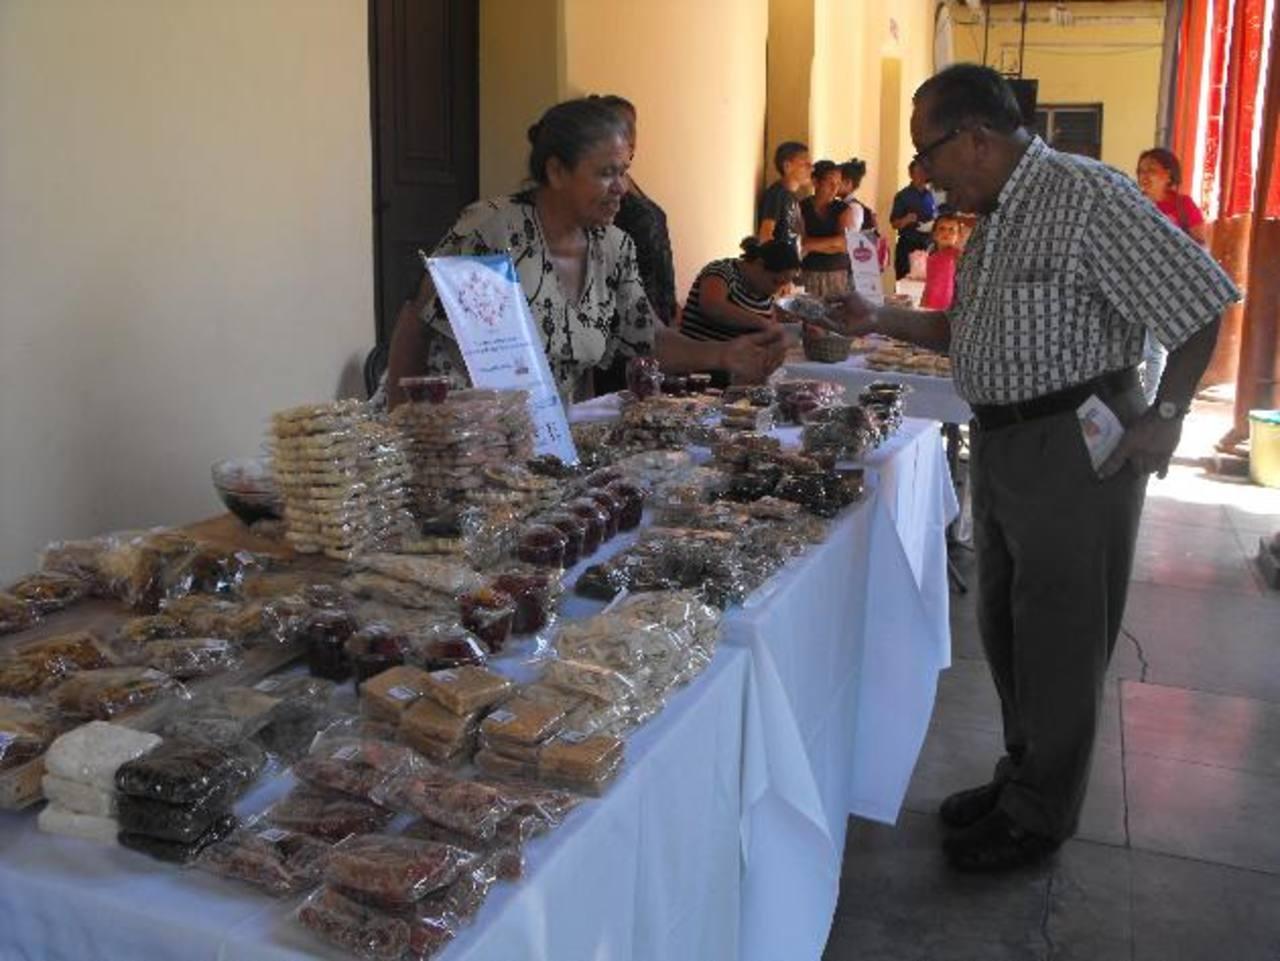 La feria de dulces acitronados estará abierta hasta el 26 de julio. foto edh / MAURICIO GUEVARA